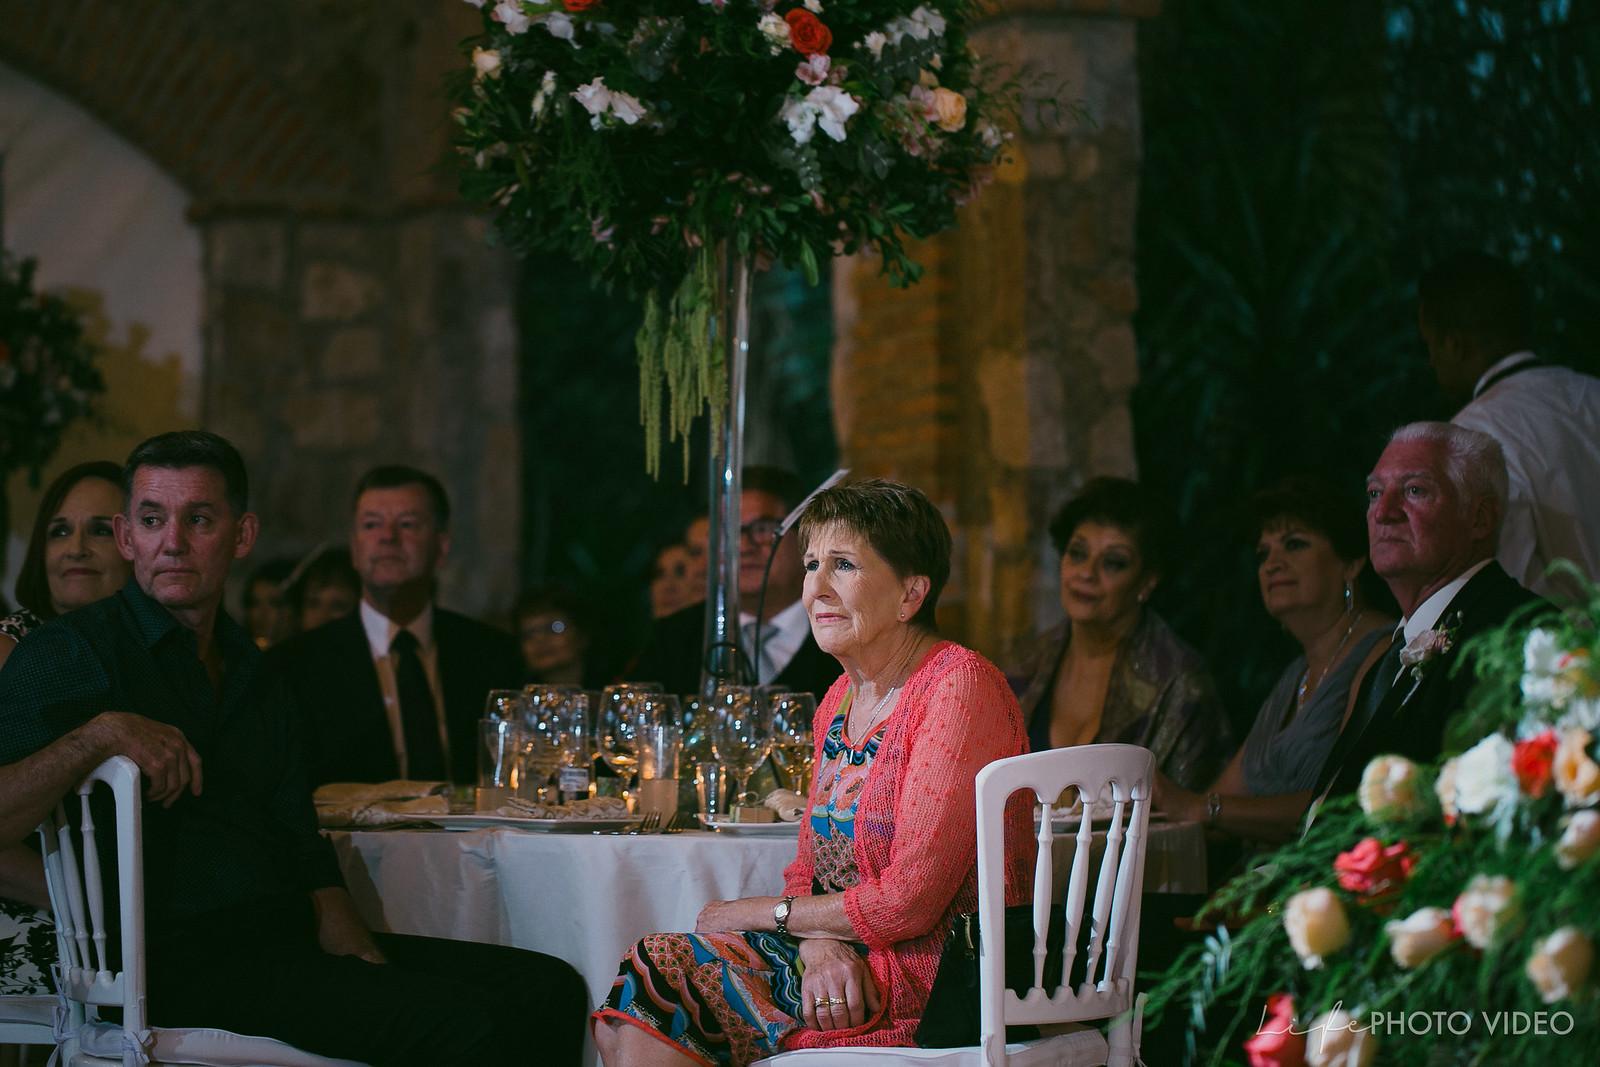 LifePhotoVideo_Boda_LeonGto_Wedding_0021.jpg